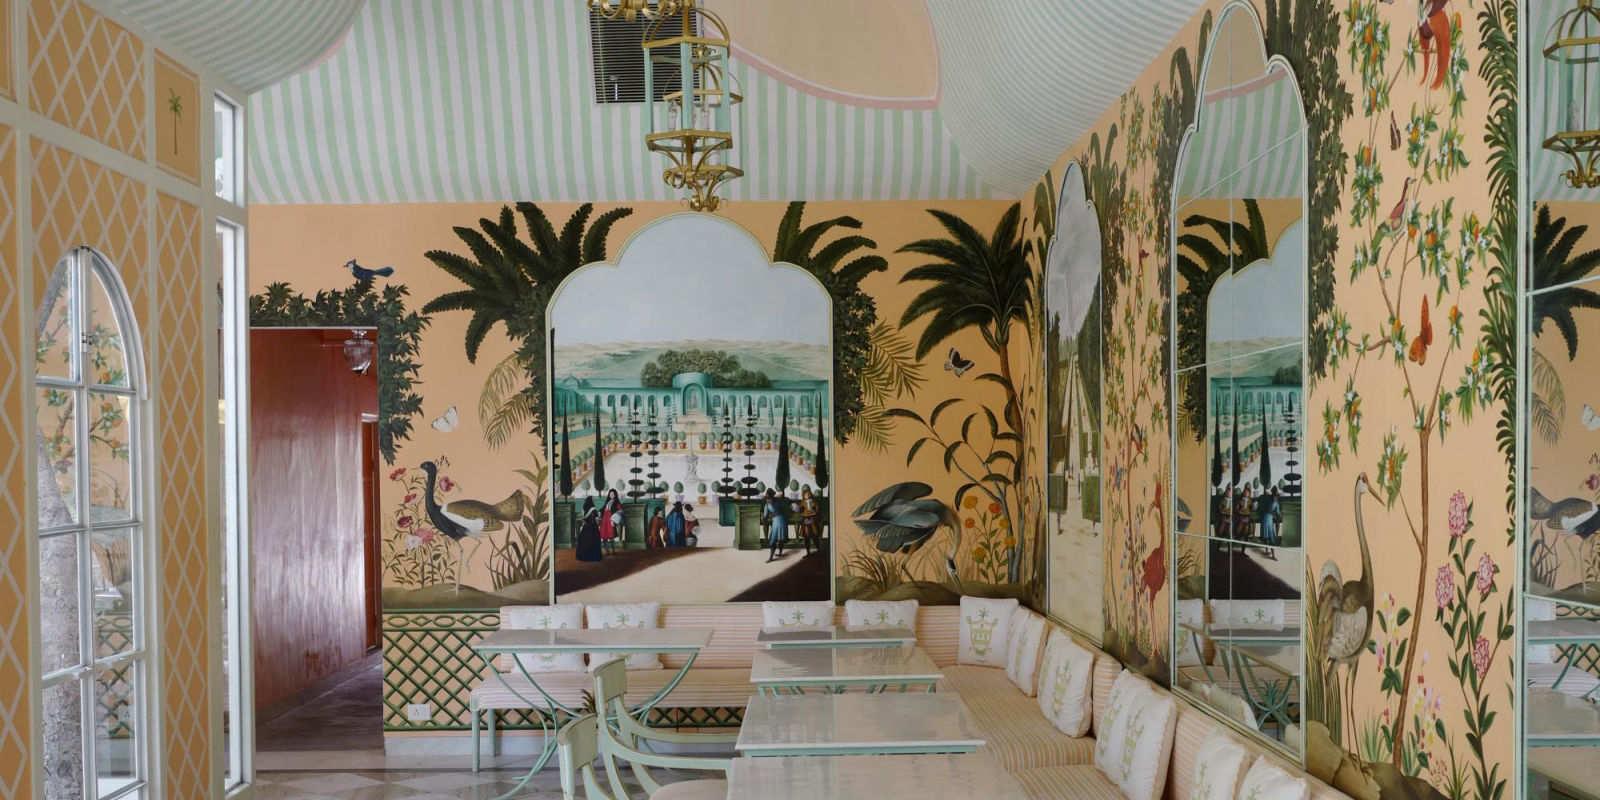 Café Palladio